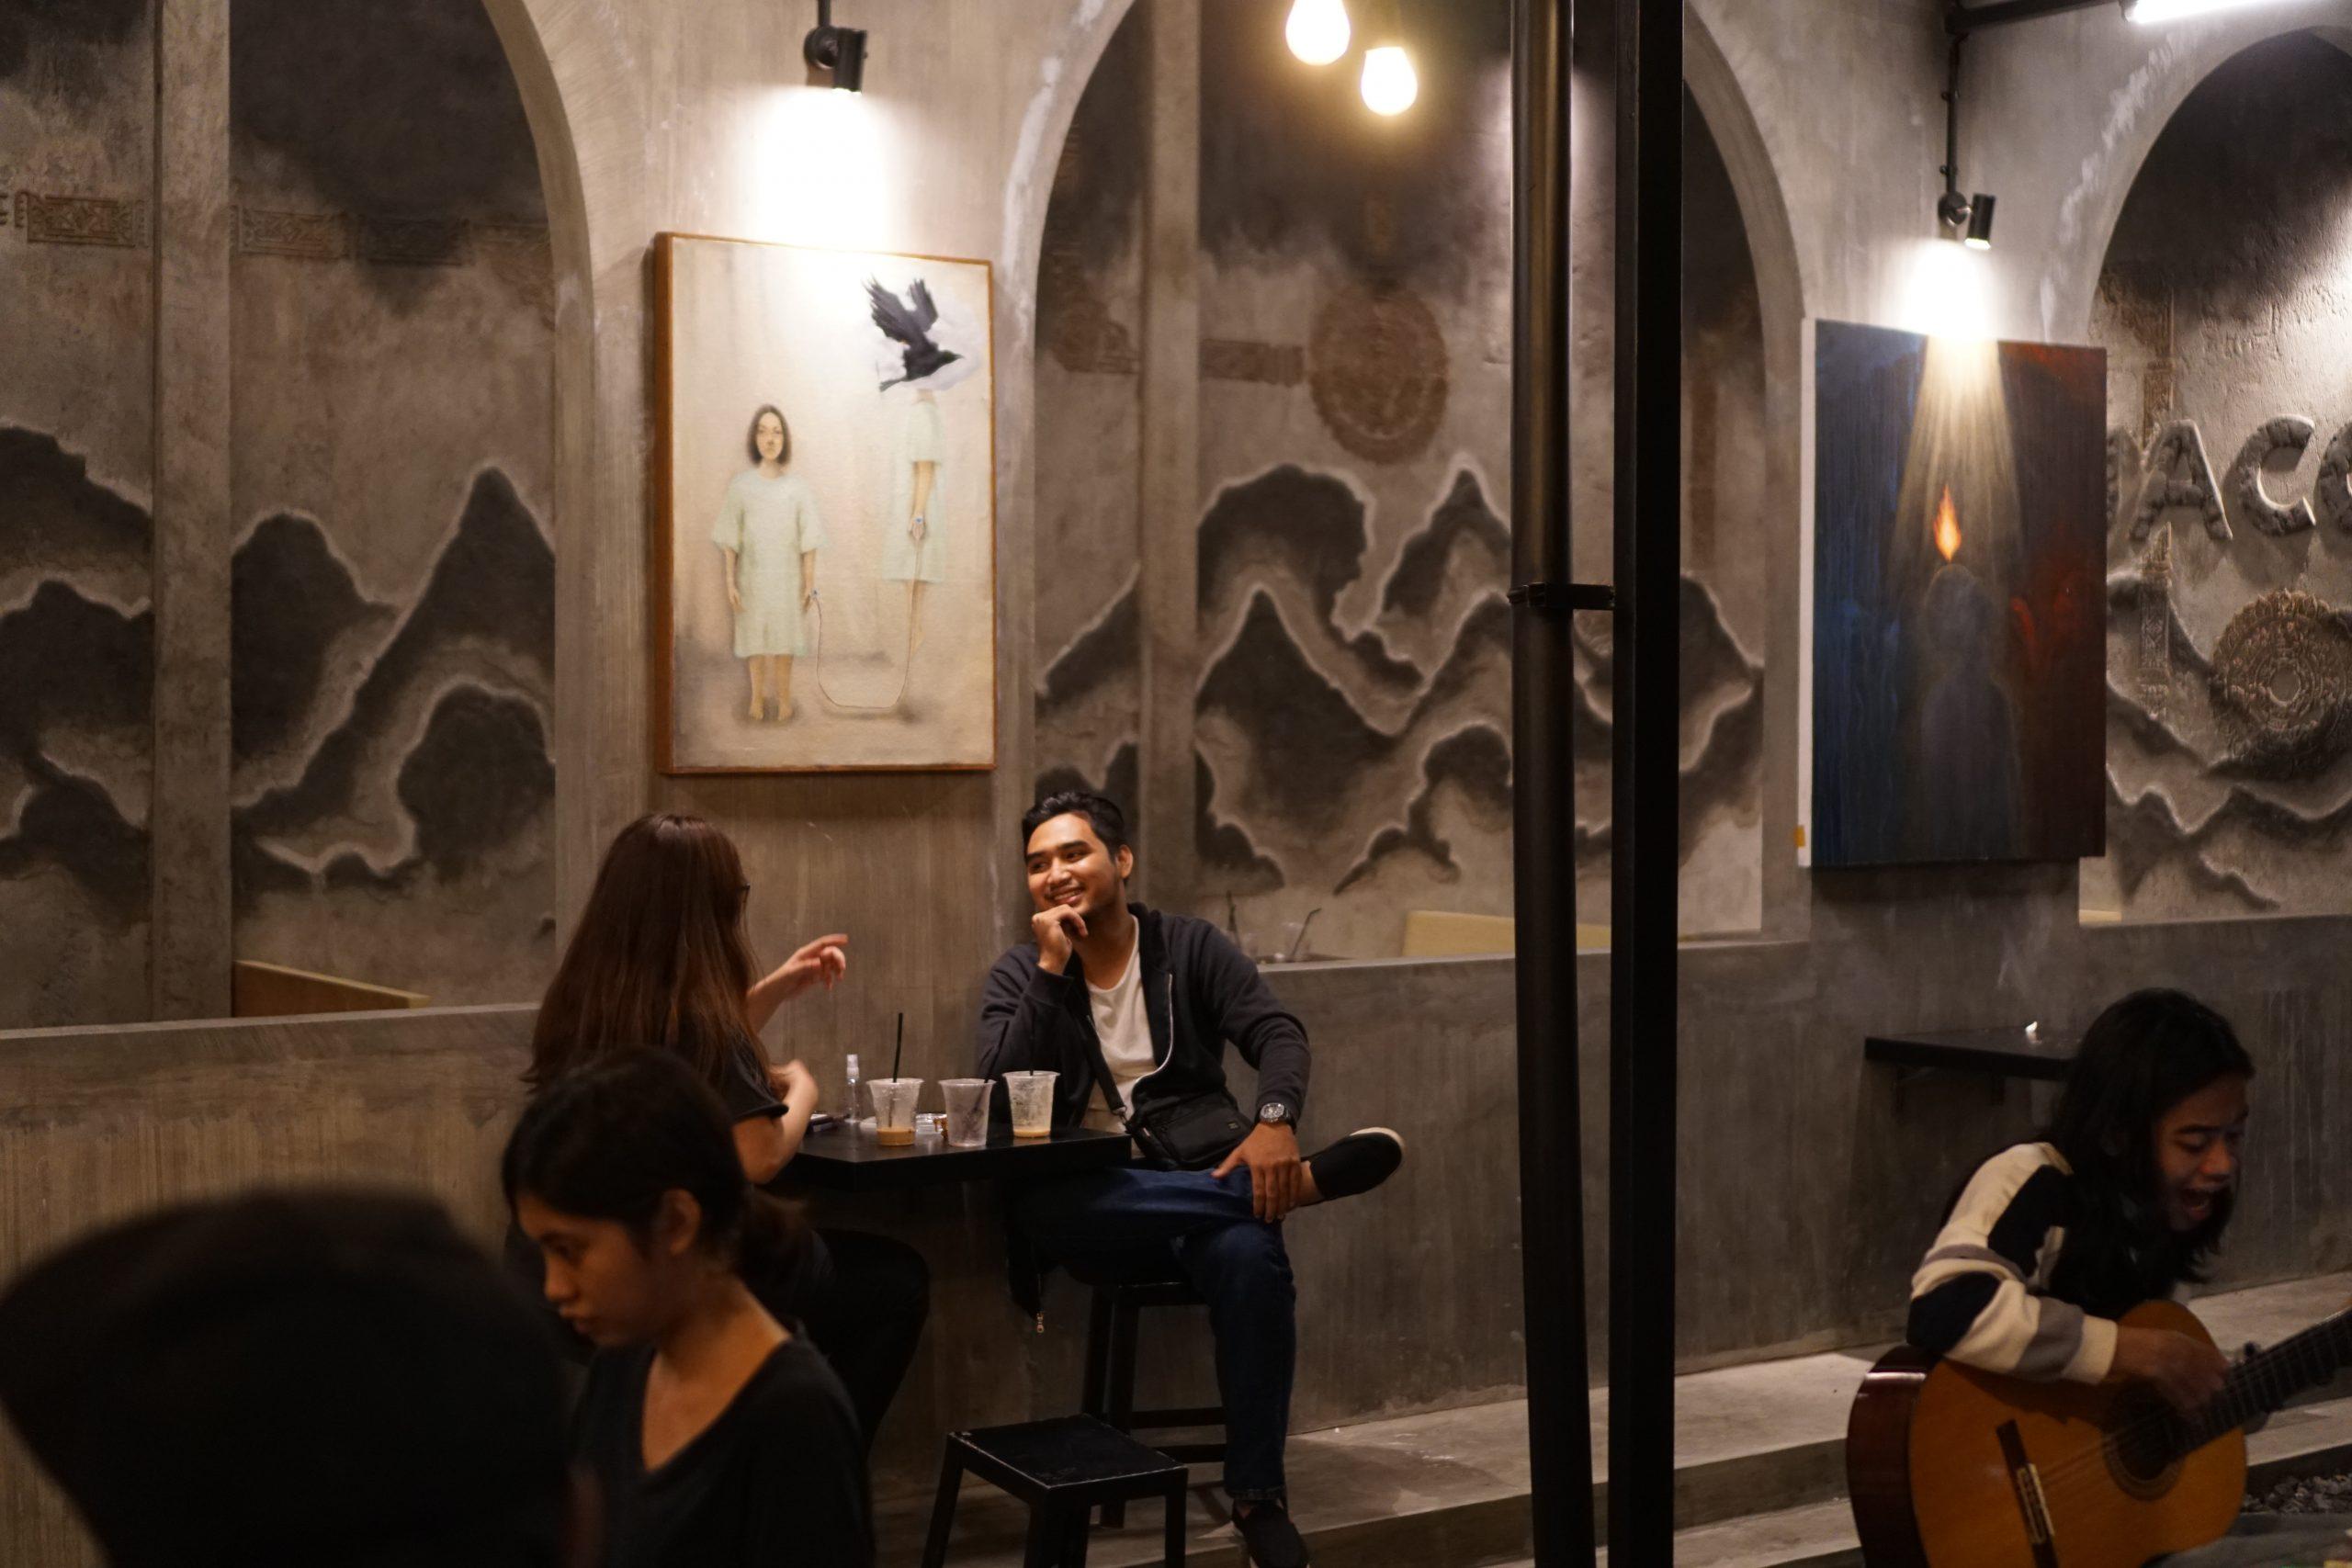 Pameran Lukisan Warnai Tongkrongan Kafe Malang